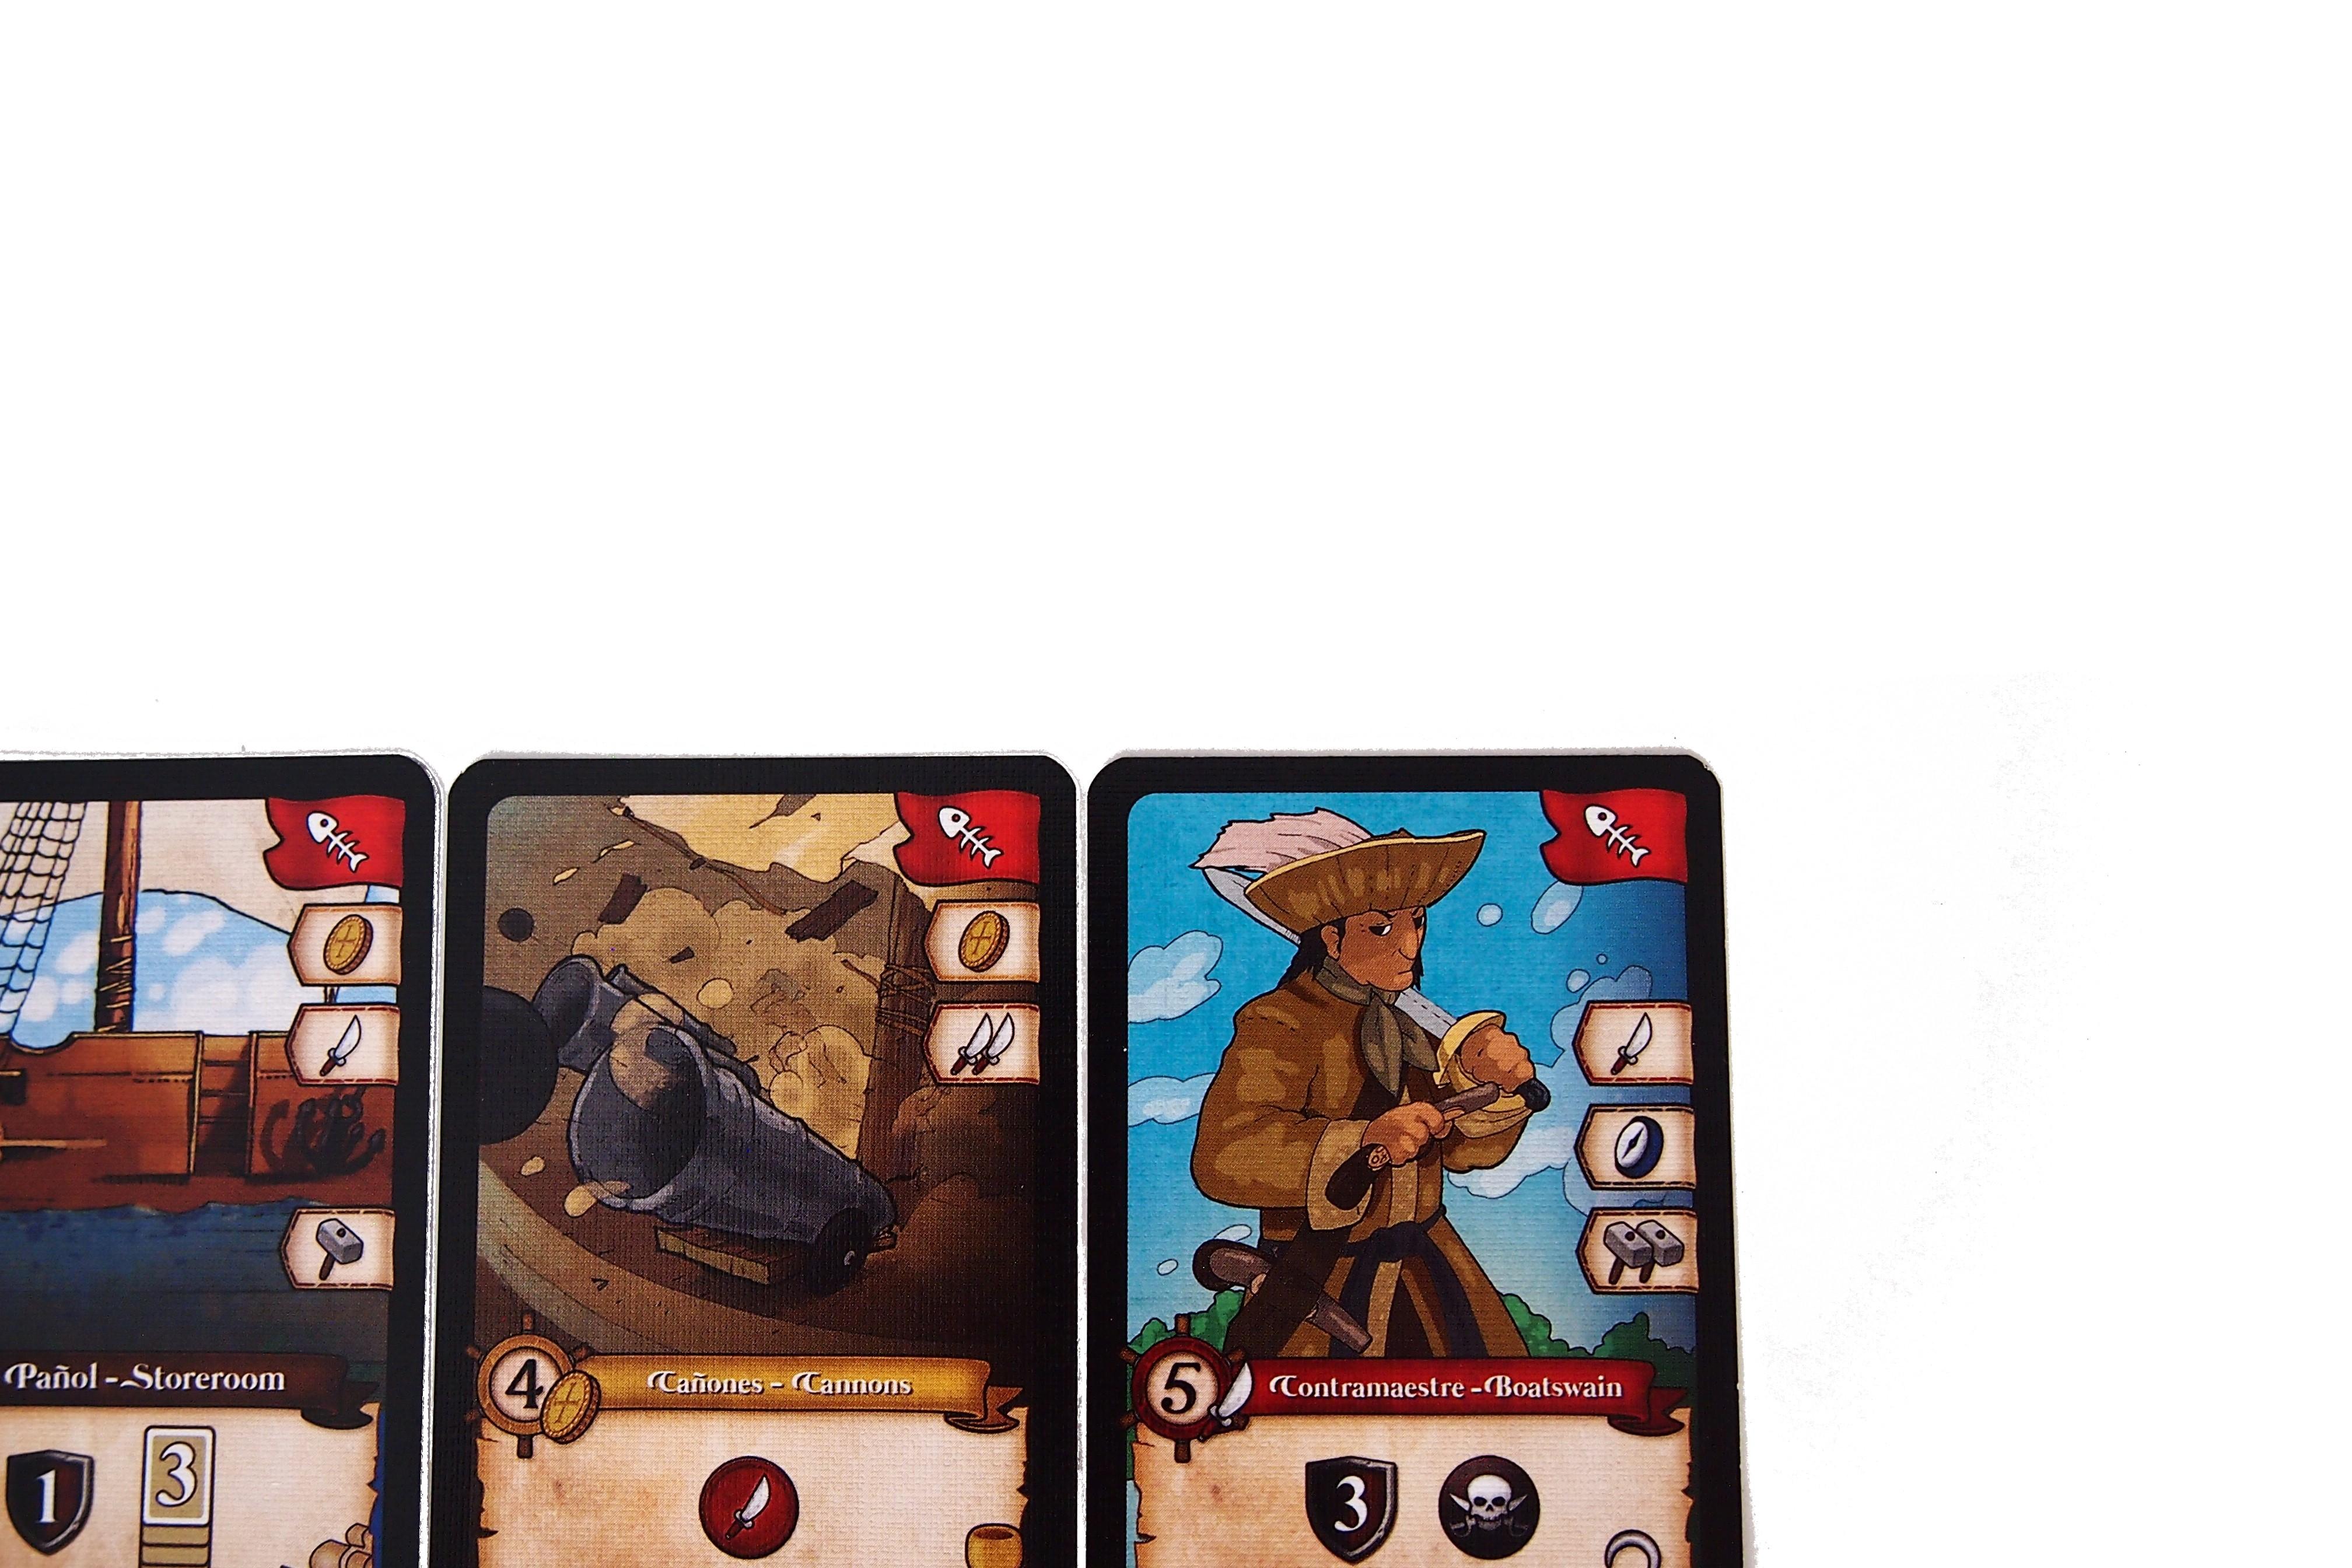 El turno también finaliza si se extraen tres cartas con el mismo evento. Todas ellas se descartan y no hay opción a compra.